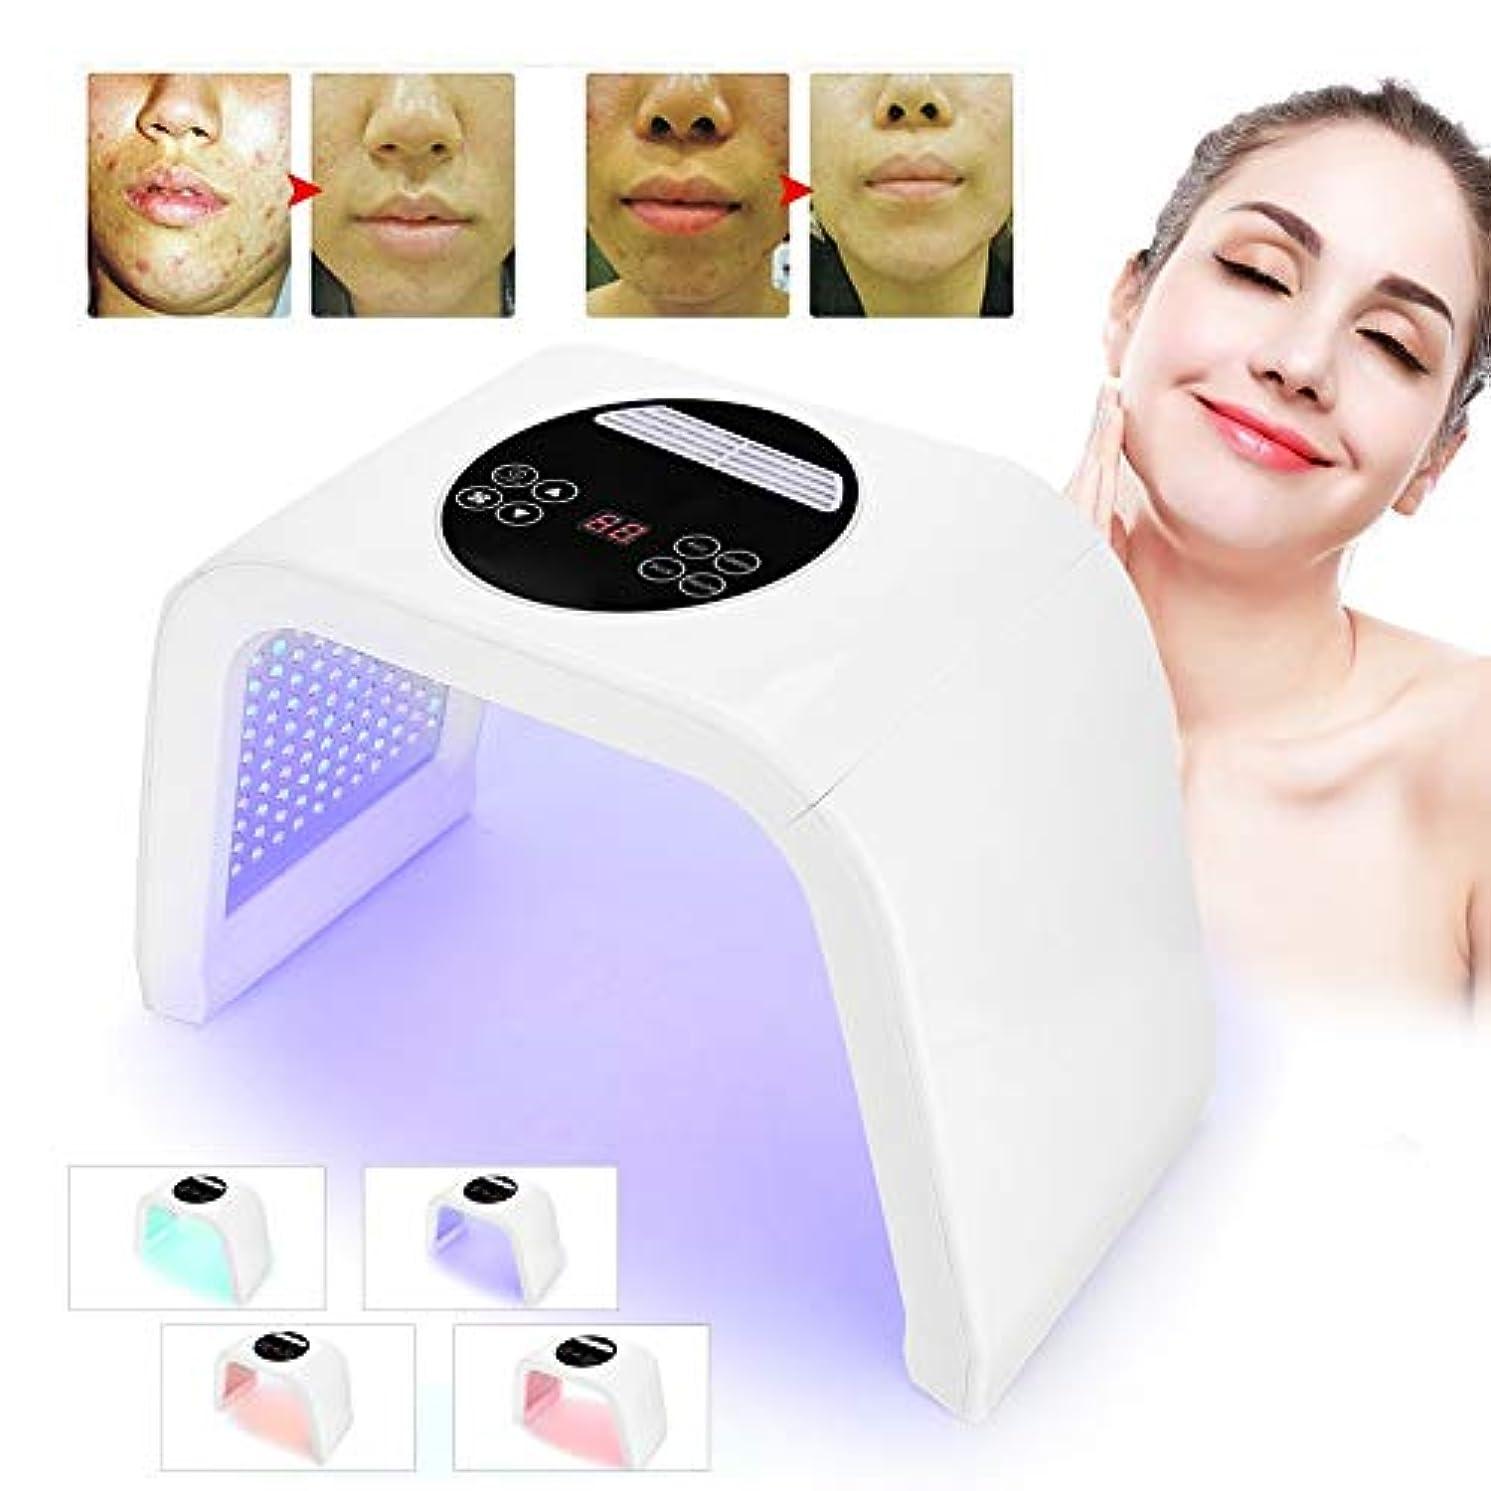 側溝つま先夫スキンケア装置の美の光線力学的なランプ、4色は保護療法のマスクが付いている軽い療法の顔のスキンケア機械、アクネの減少/皮の若返りのためのPDTの技術を導きました(100-240V)